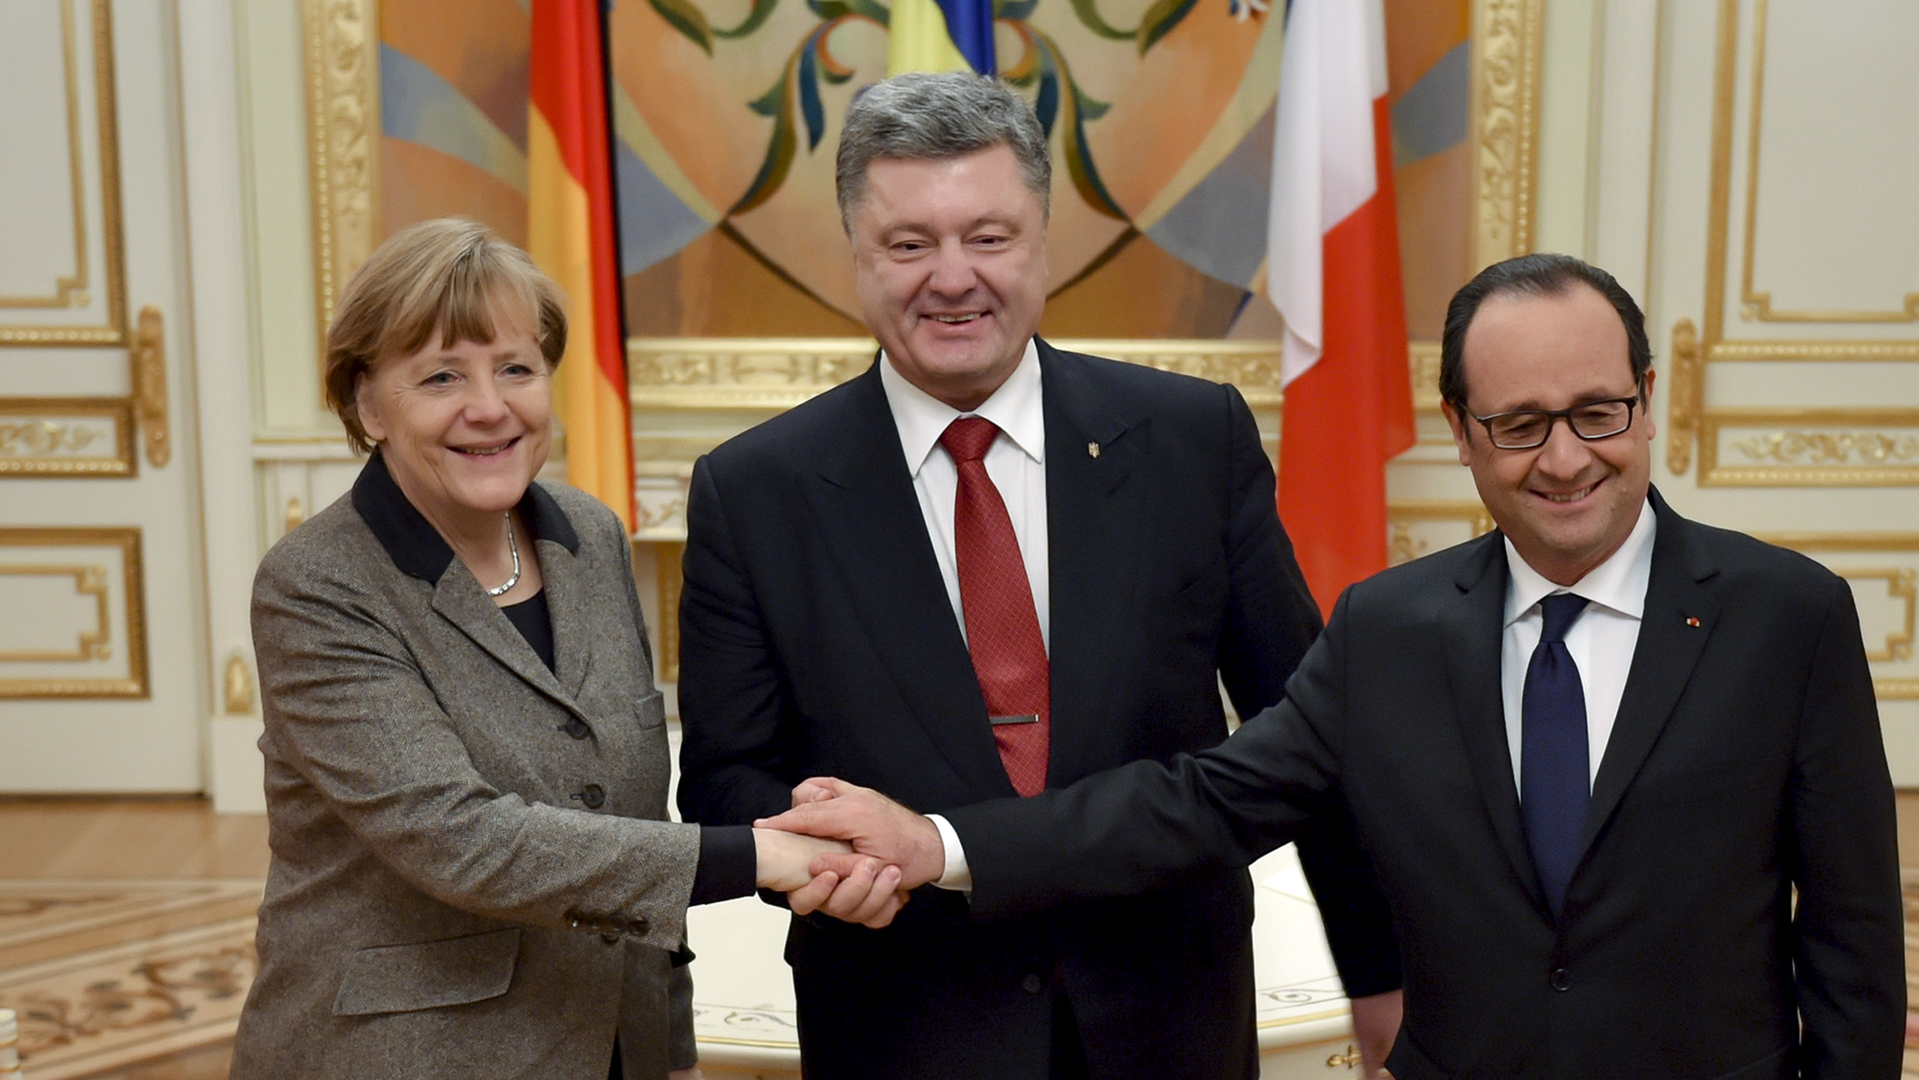 Hollande et Merkel à Moscou pour présenter un nouveau plan de paix pour l'Ukraine